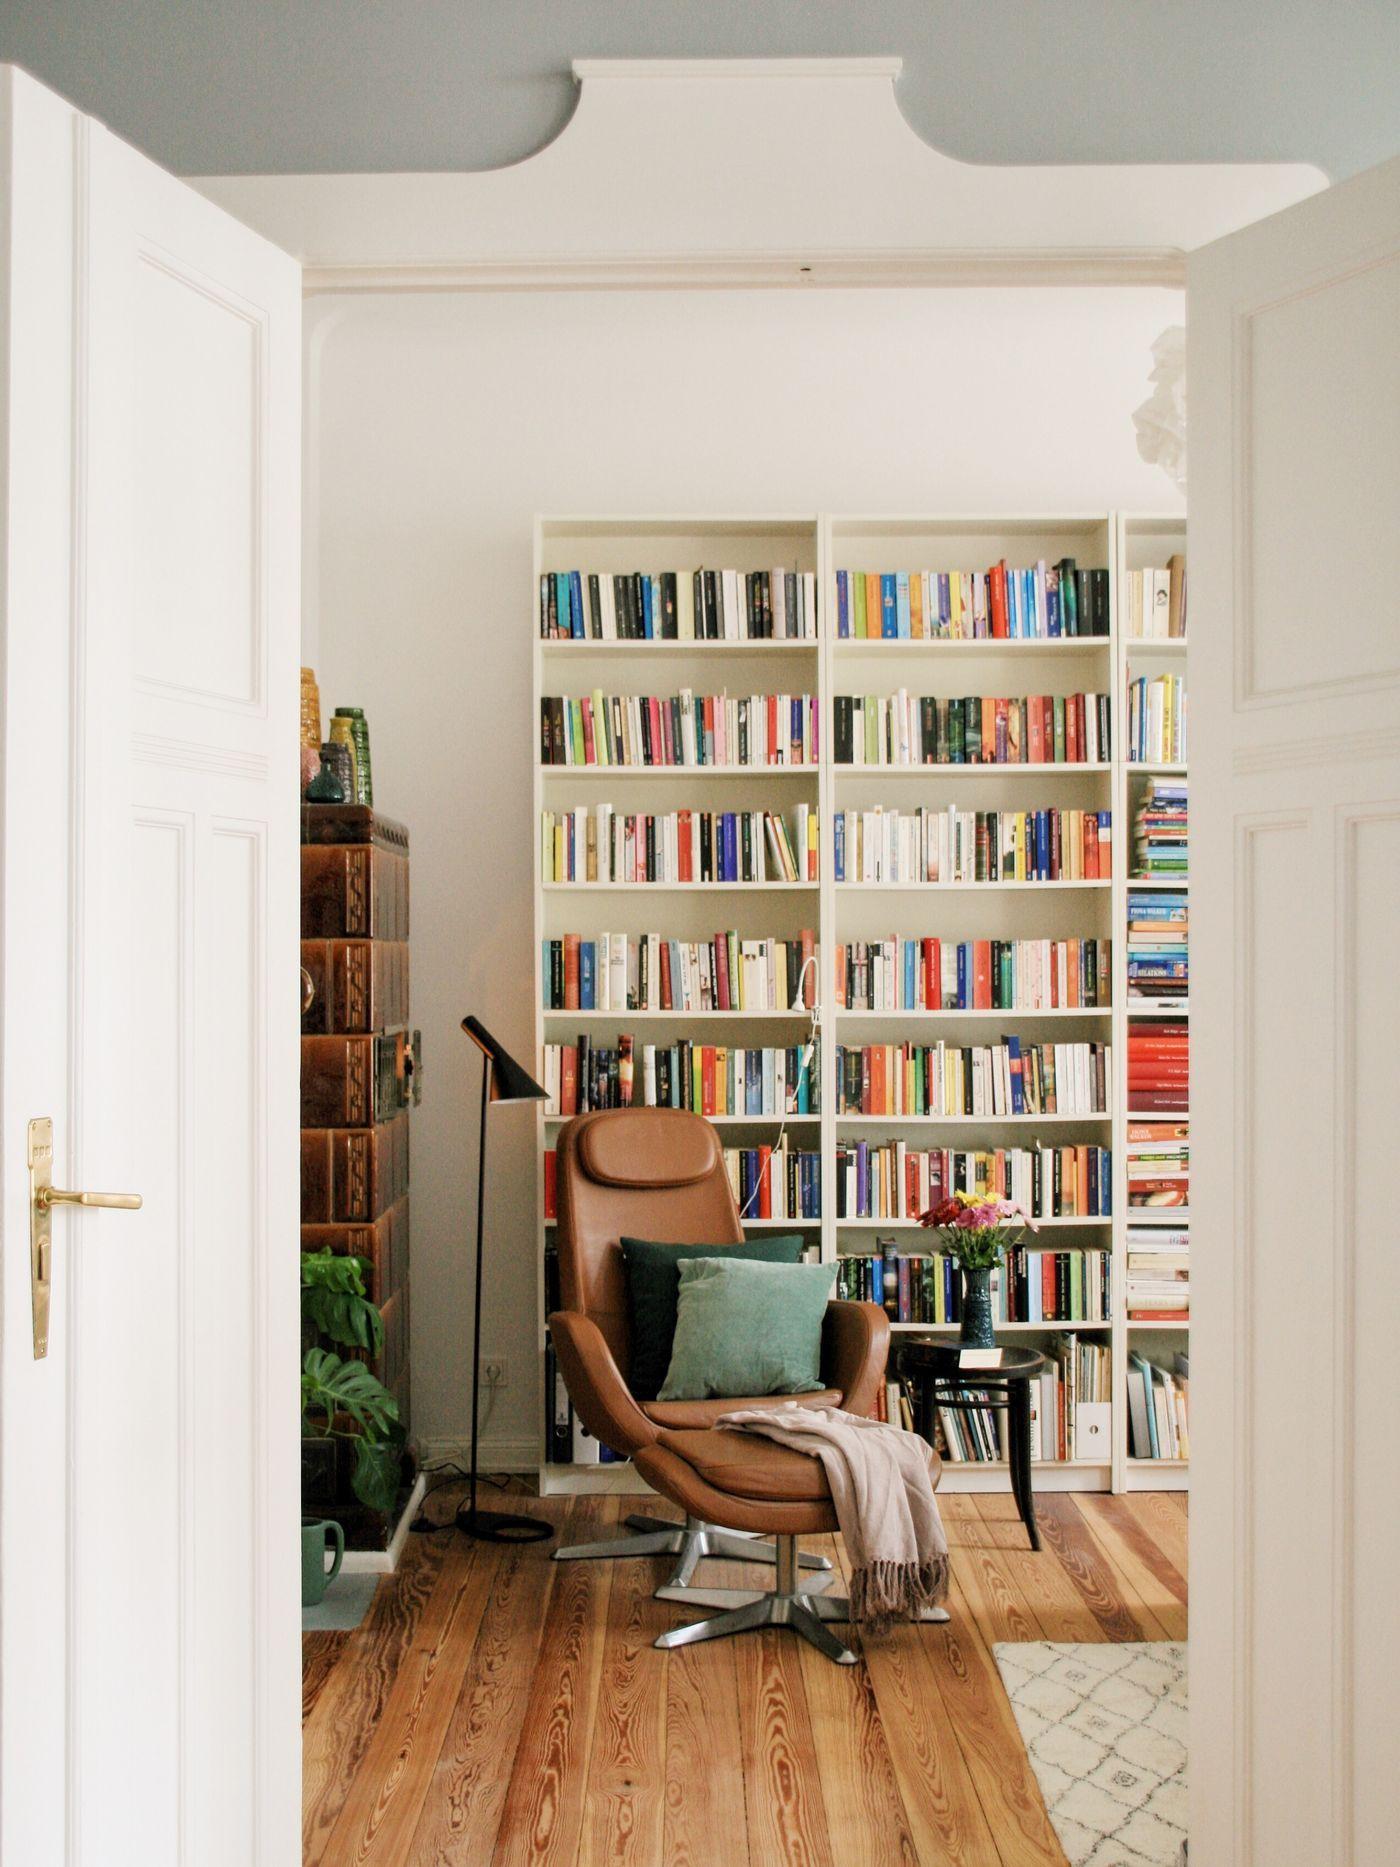 Tagesbett Design Ideen Fur Gemutliche Leseecke Im Haus Oder Garten